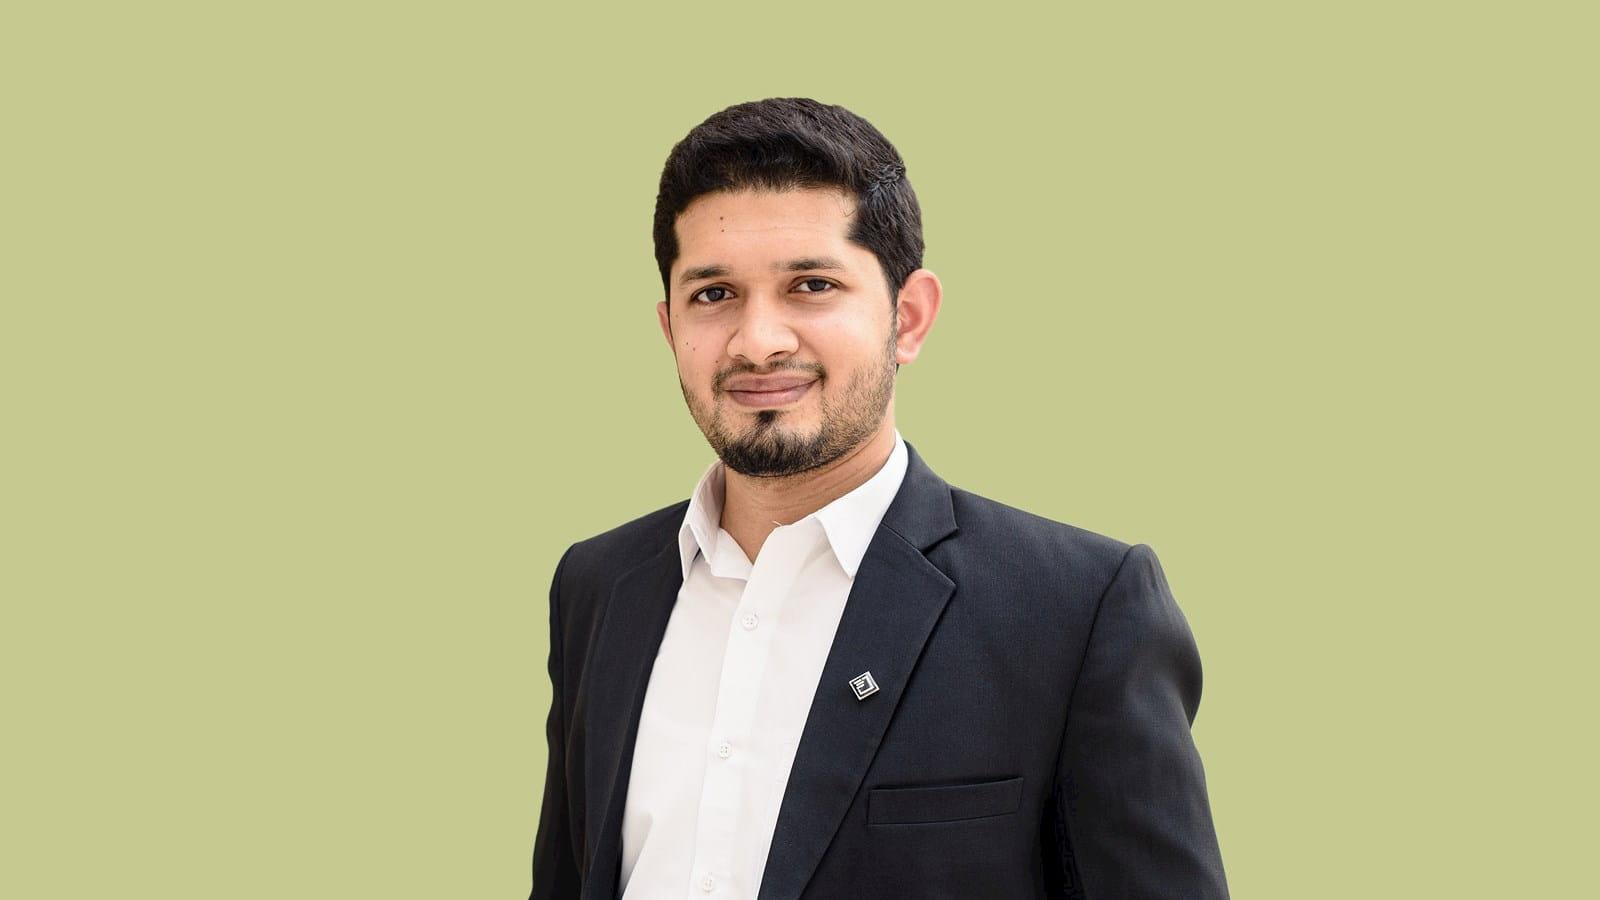 Umair Javaid